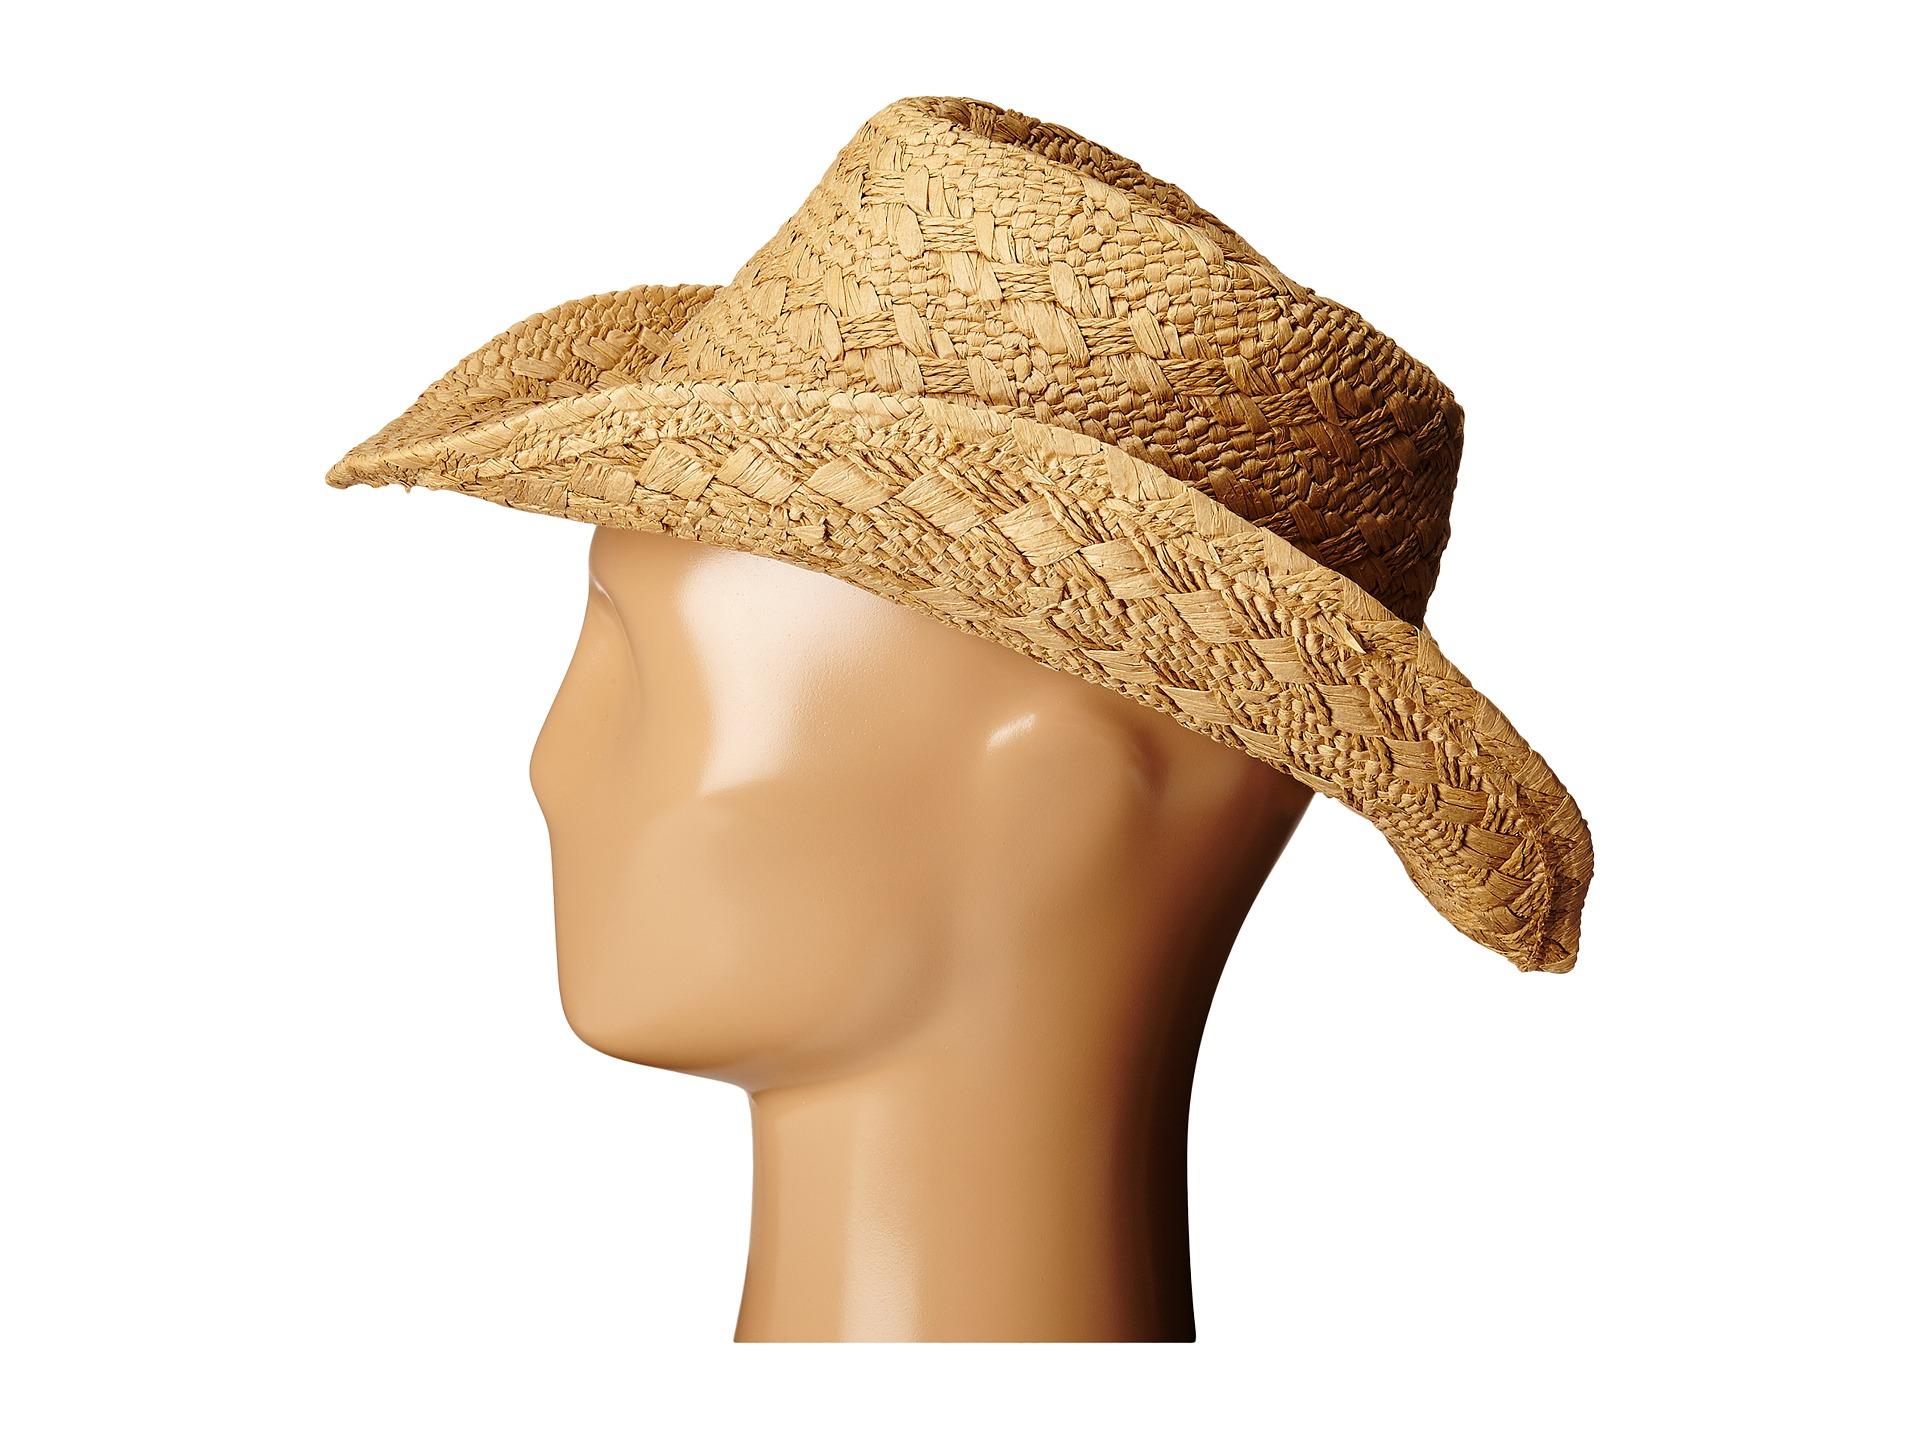 Lyst - Roxy Cowgirl Straw Hat 33a9b68de634